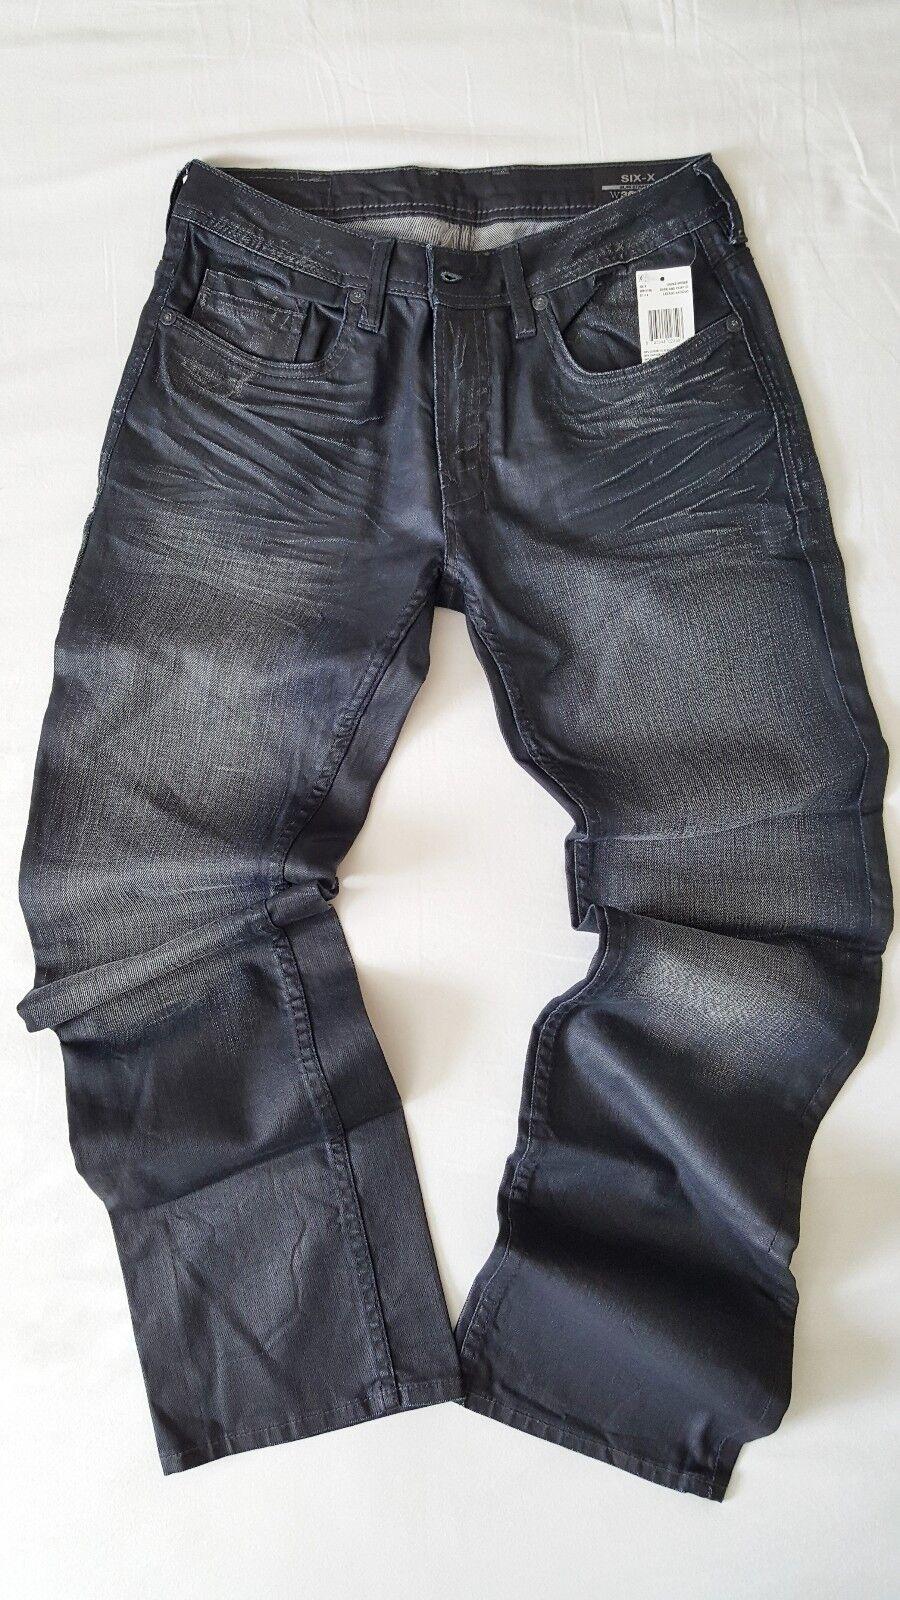 Buffalo Jeans Oscuro y pintado de seis X  BM16196-precio minorista sugerido por el fabricante  129.99  perfecto